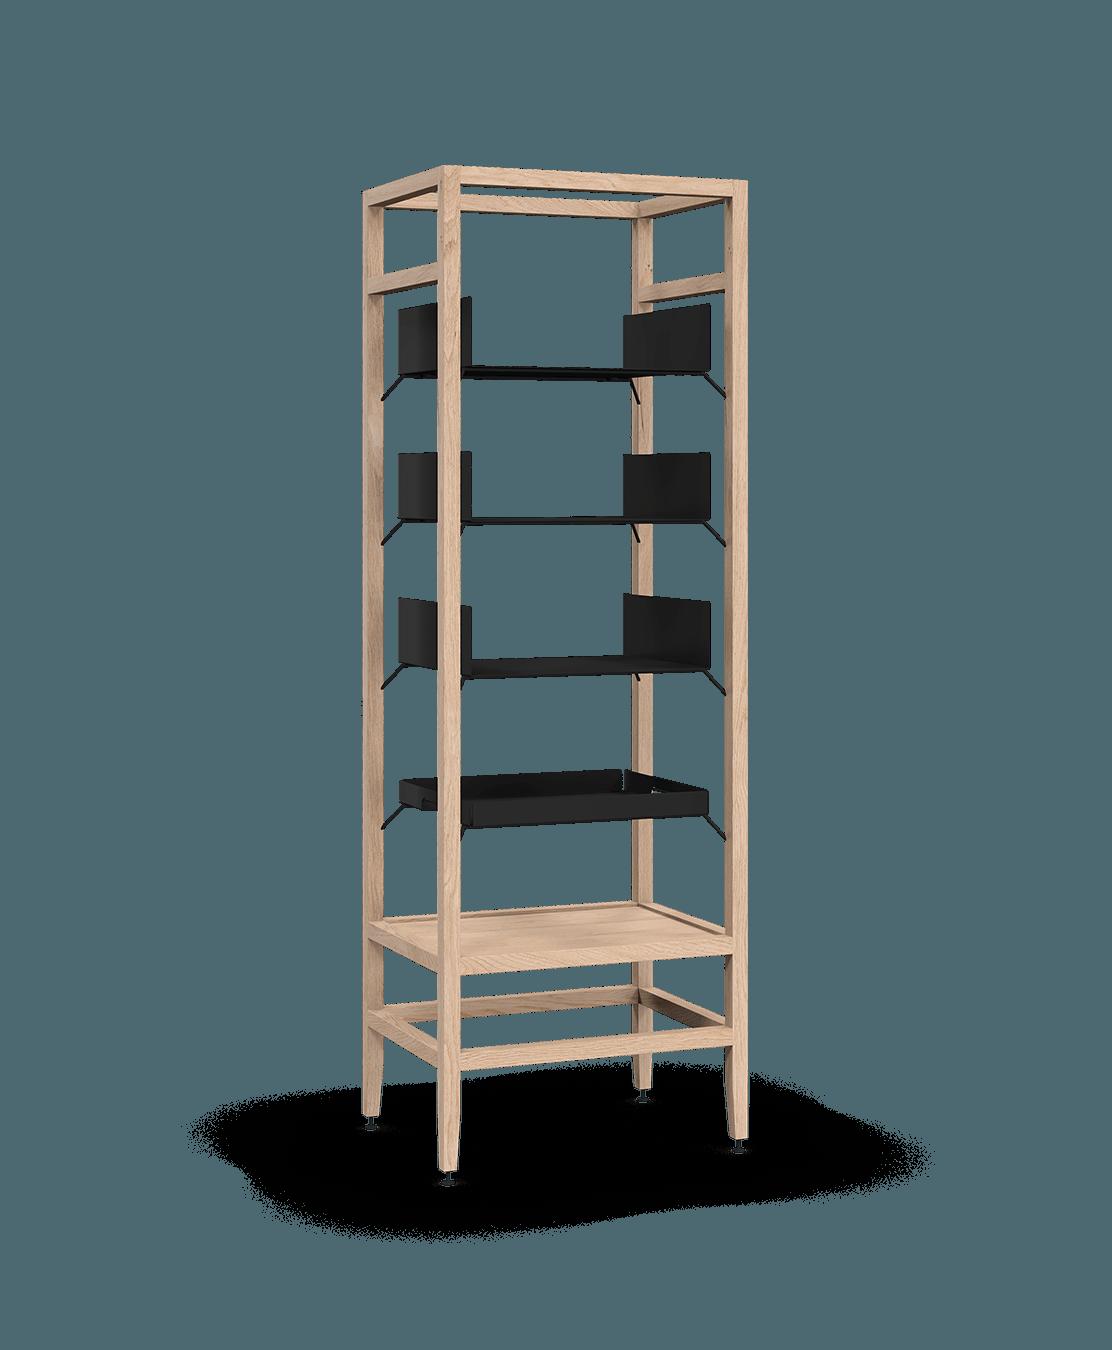 étagère bibliothèque haute modulaire de rangement en bois massif coquo volitare avec 3 tablettes 1 cabaret amovible chêne blanc 24 pouces C2-S-2418-0002-NA